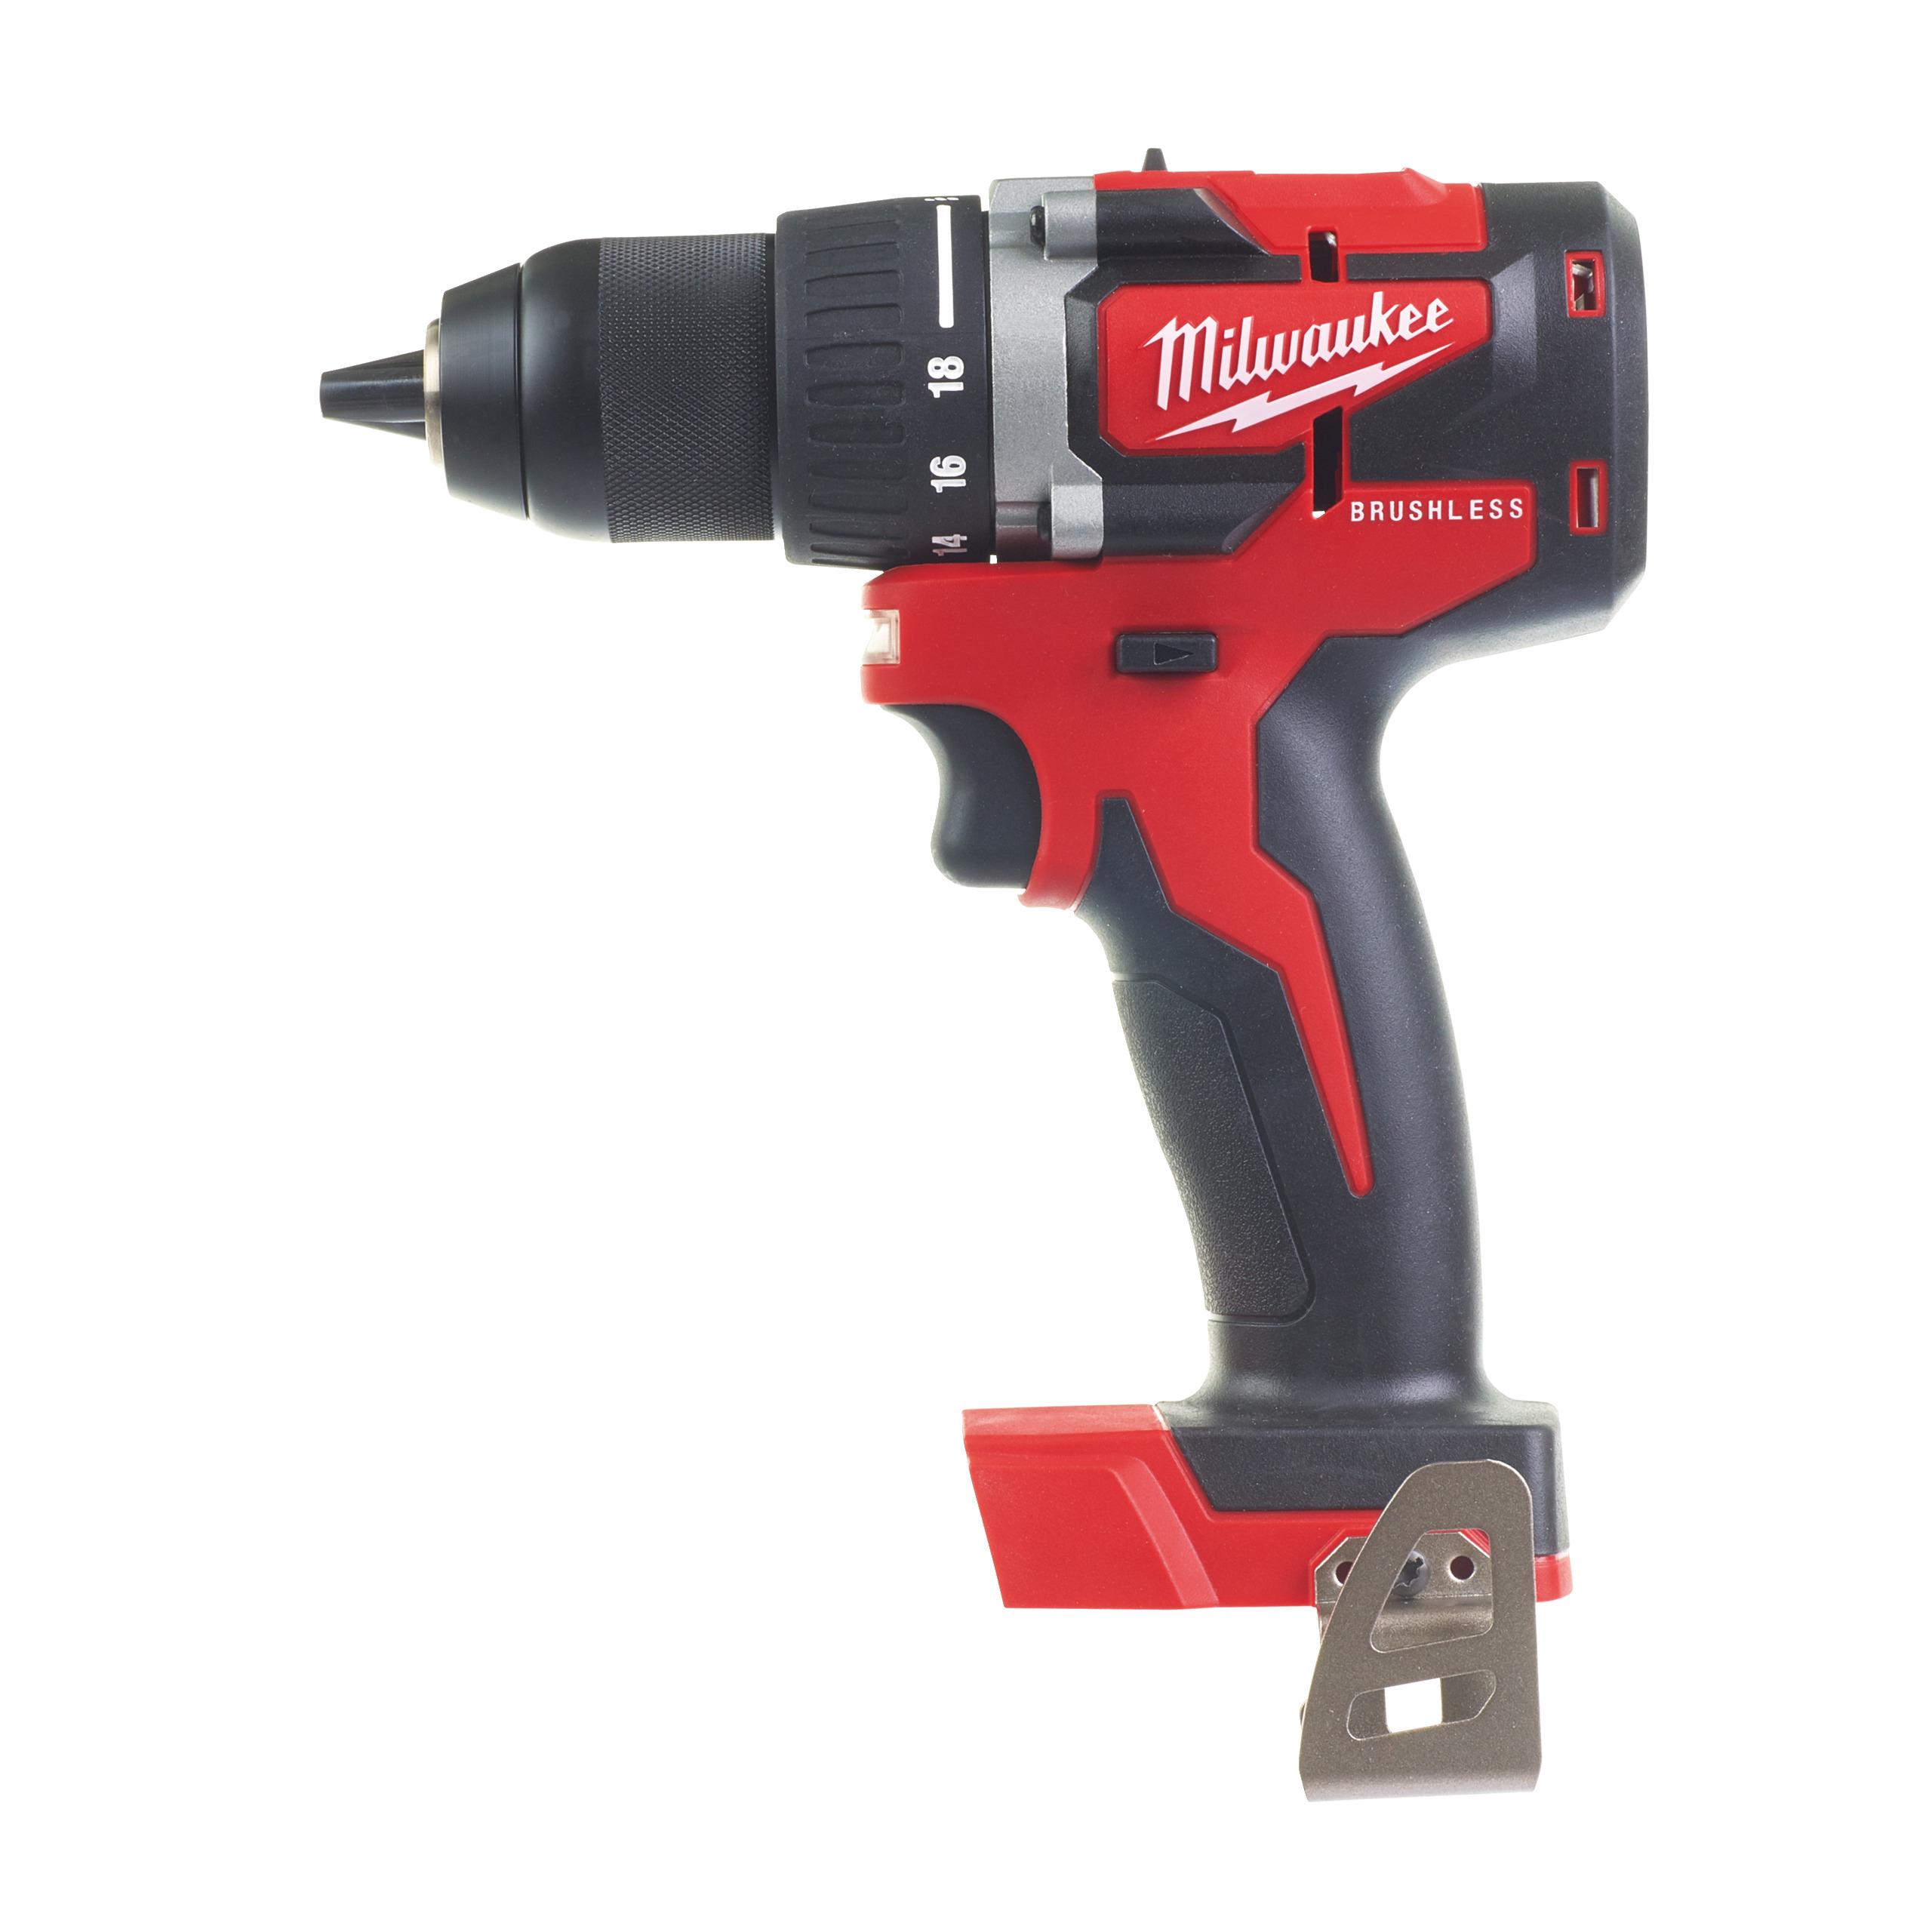 MILWAUKEE M18 CBLDD-0X